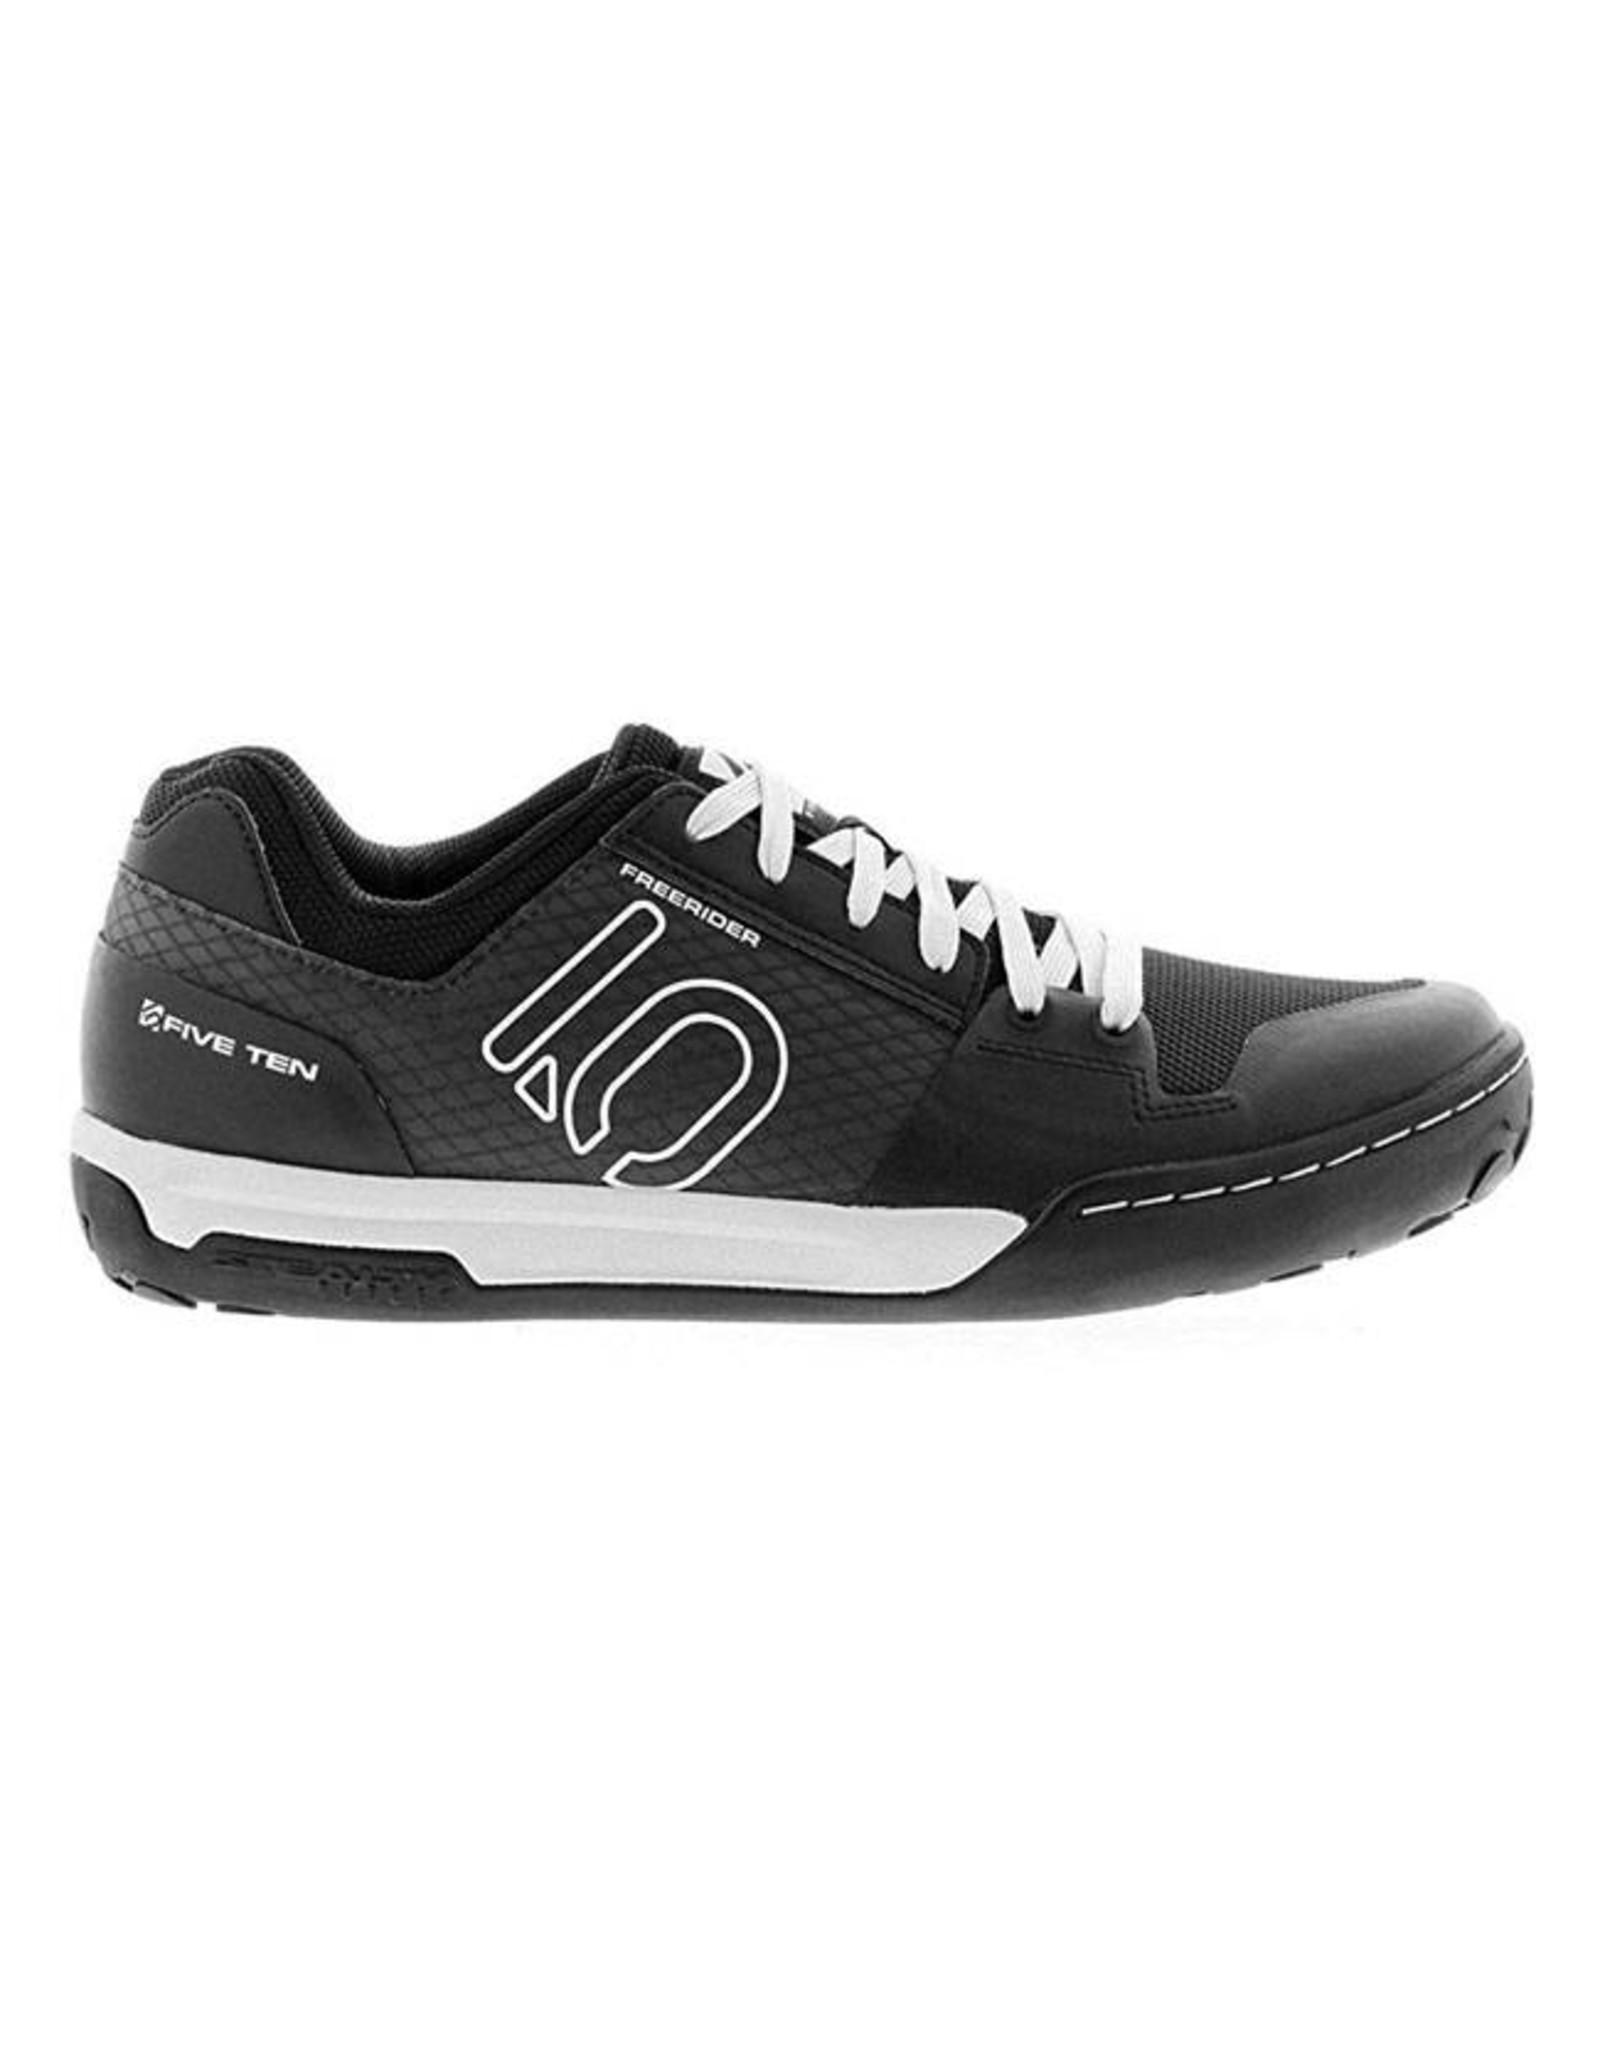 Five Ten Five Ten Freerider Contact Men's Flat Pedal Shoe: Split Black 7